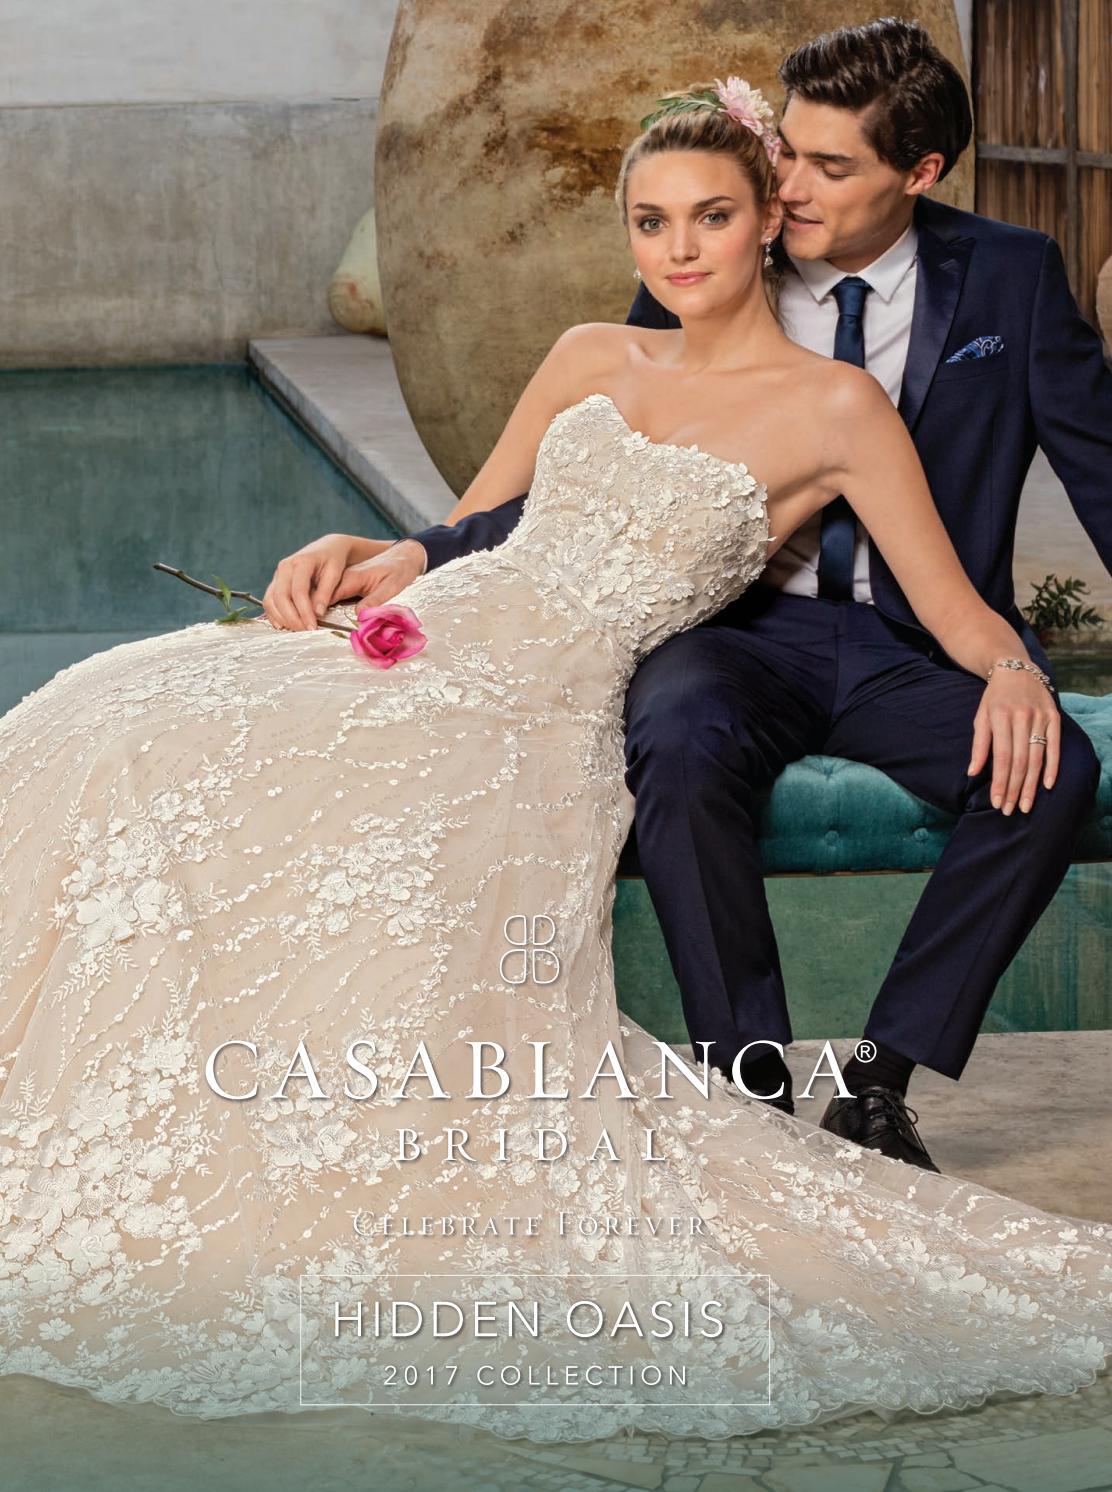 Casablanca Bridal Fall 2017 Catalog By Casablanca Bridal Issuu